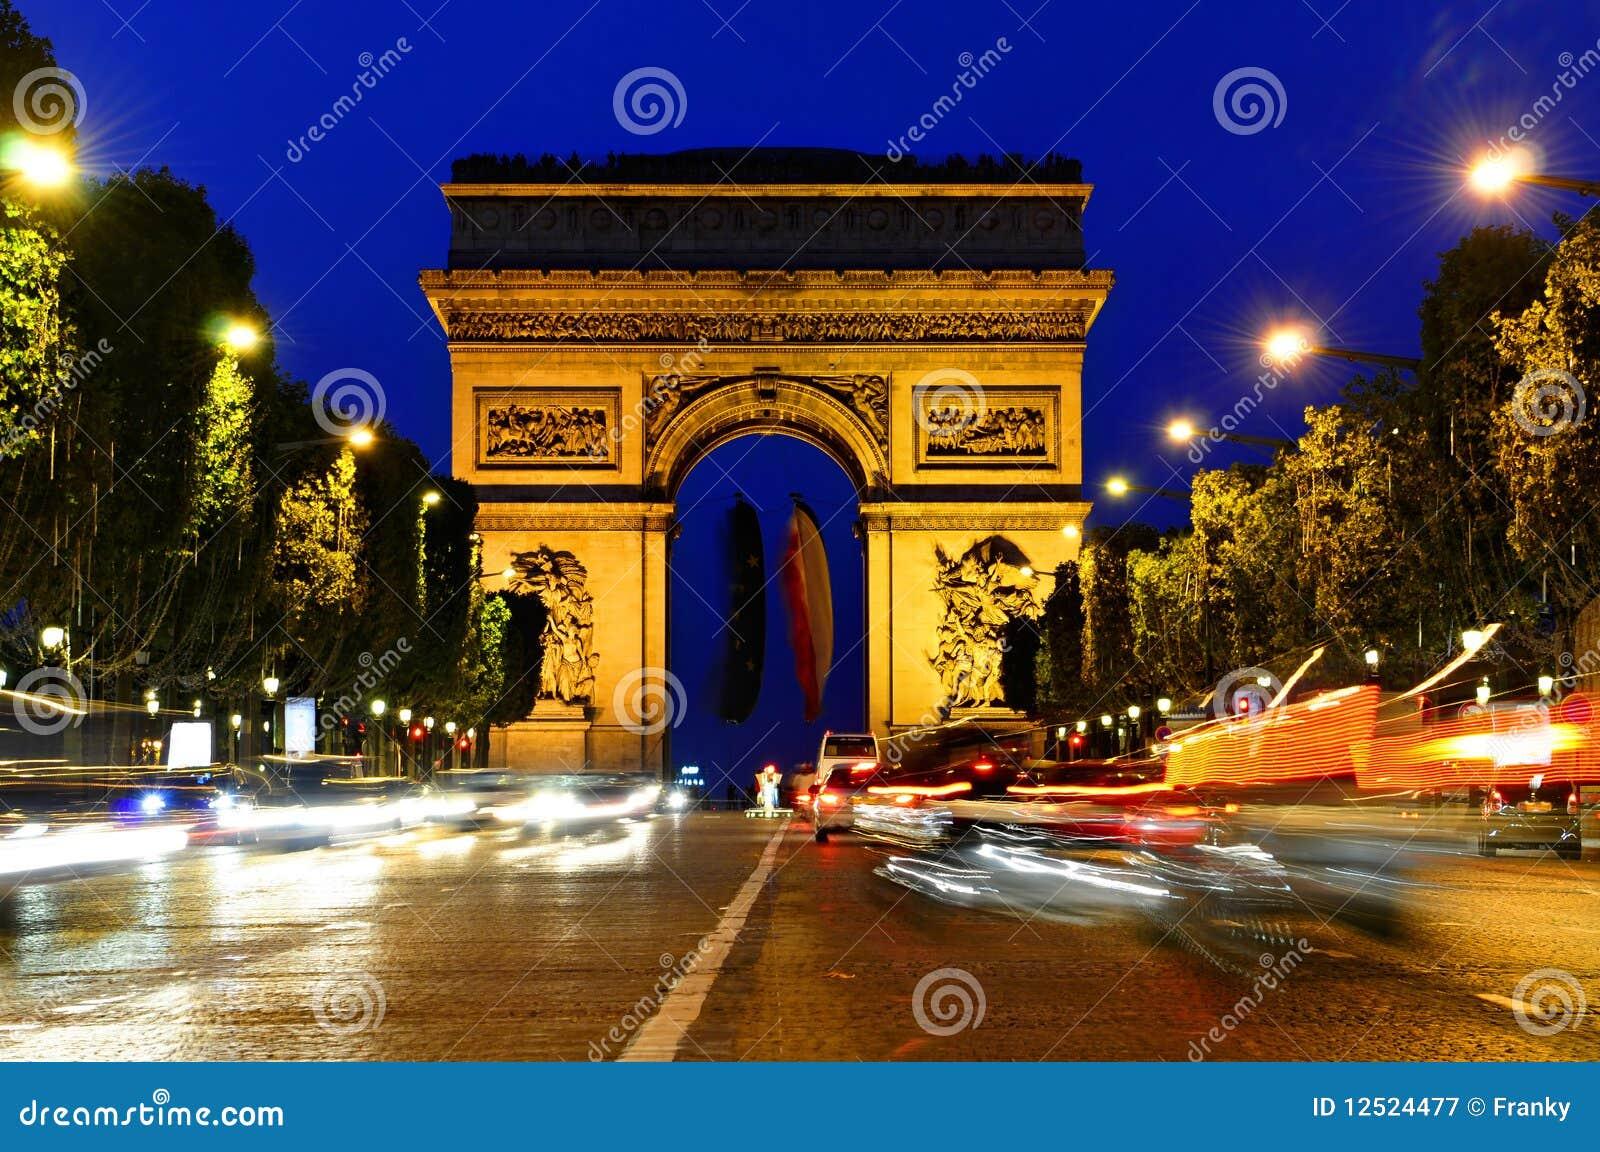 Download Arc De Triomphe - Arch Of Triumph, Paris, France Stock Image - Image of champs, dusk: 12524477